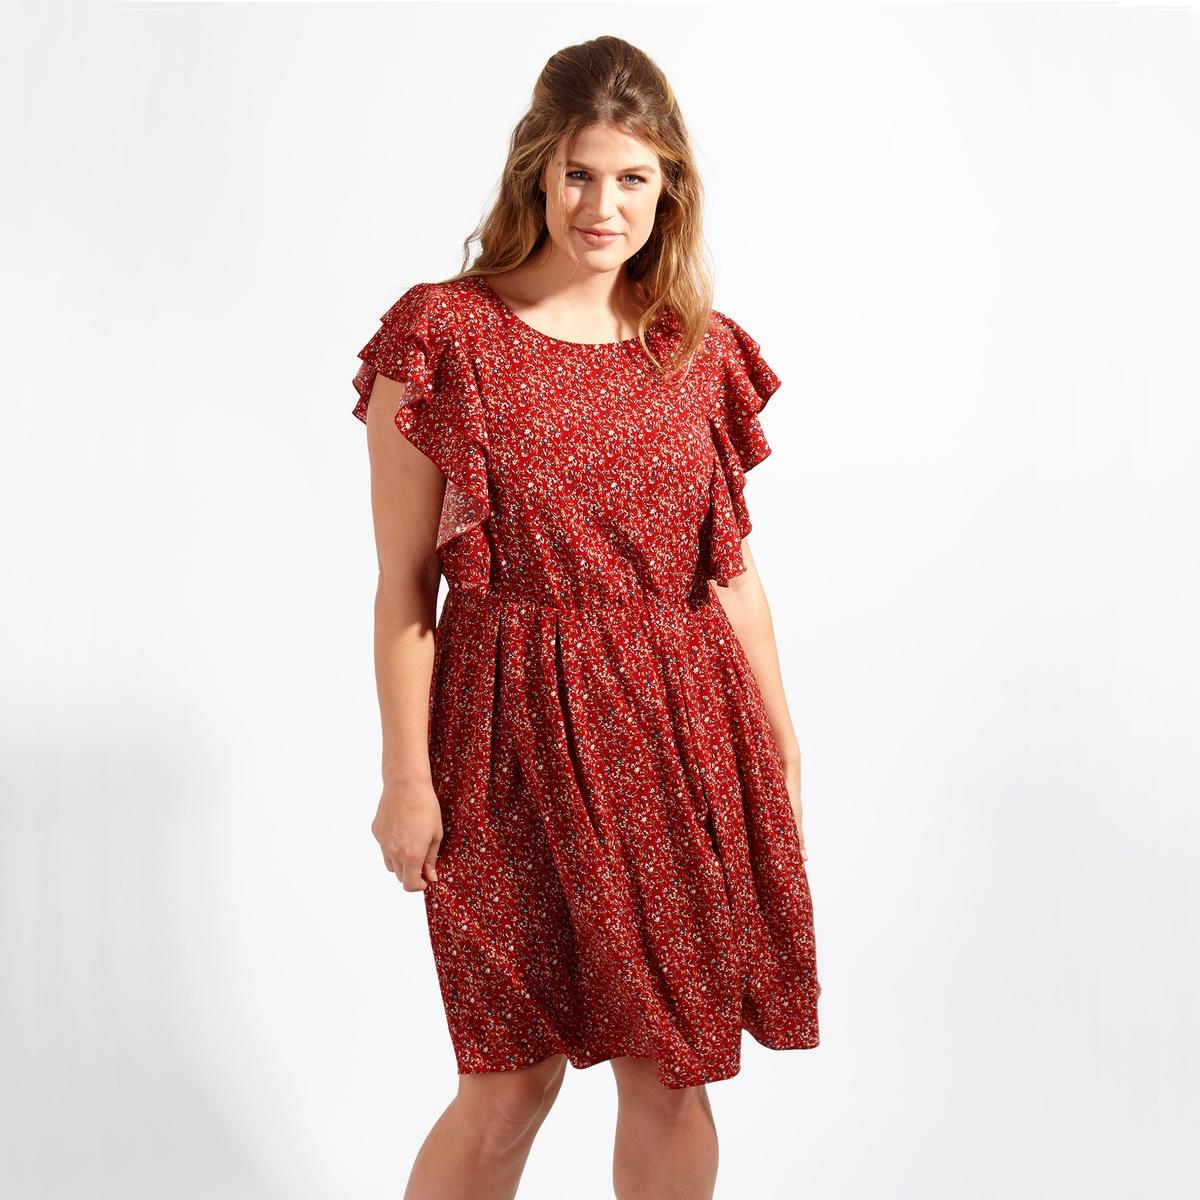 Платье<br><br>Цвет: набивной рисунок<br>Размер: 50/52 (FR) - 56/58 (RUS)